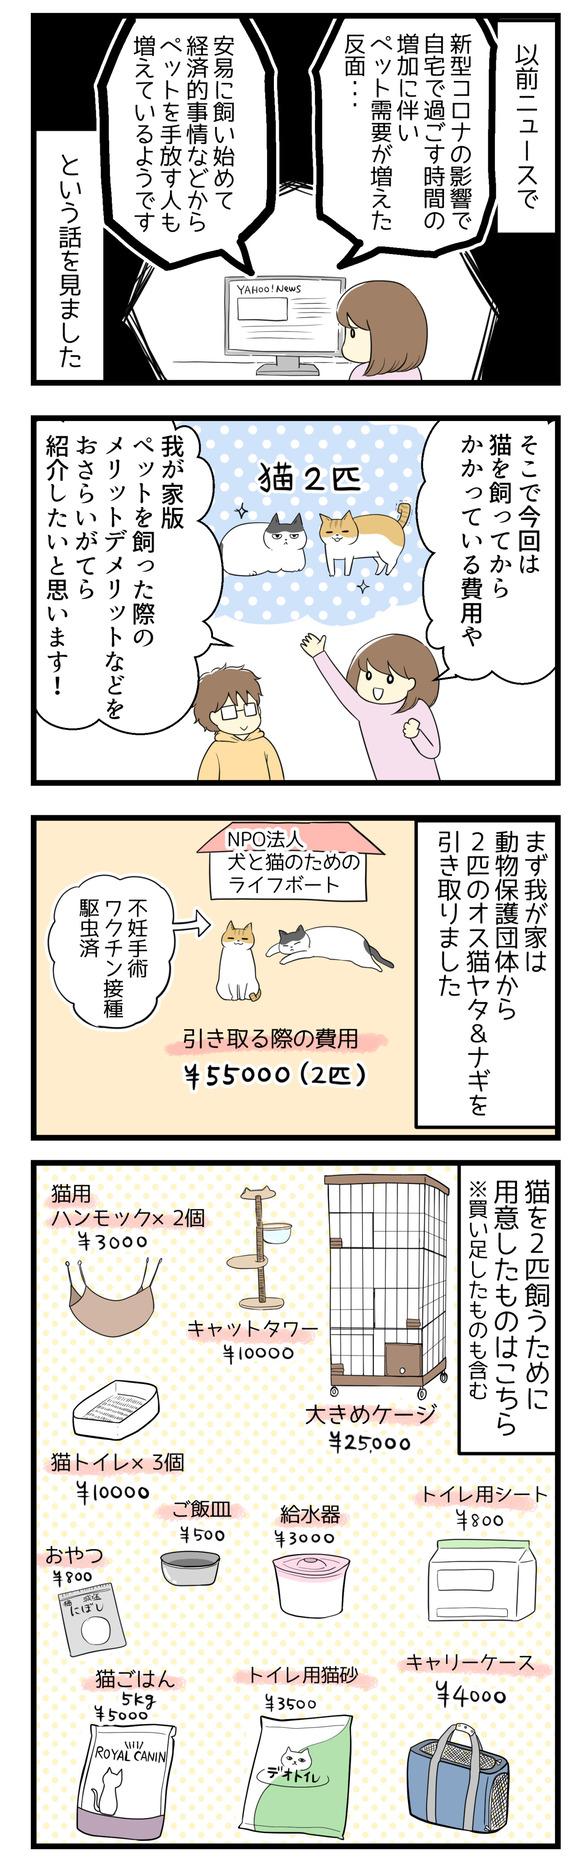 以前ニュースで、新型コロナの影響で在宅時間が増えたためペット需要が高まった反面経済的理由などで安易に手放す人も増えているという話を見ました。そこで今回は我が家版猫を飼ってからかかっている費用などをおさらいがてら描いてみることにしました!我が家は動物愛護団体から兄弟猫2匹(ヤタとナギ)を引き取りました